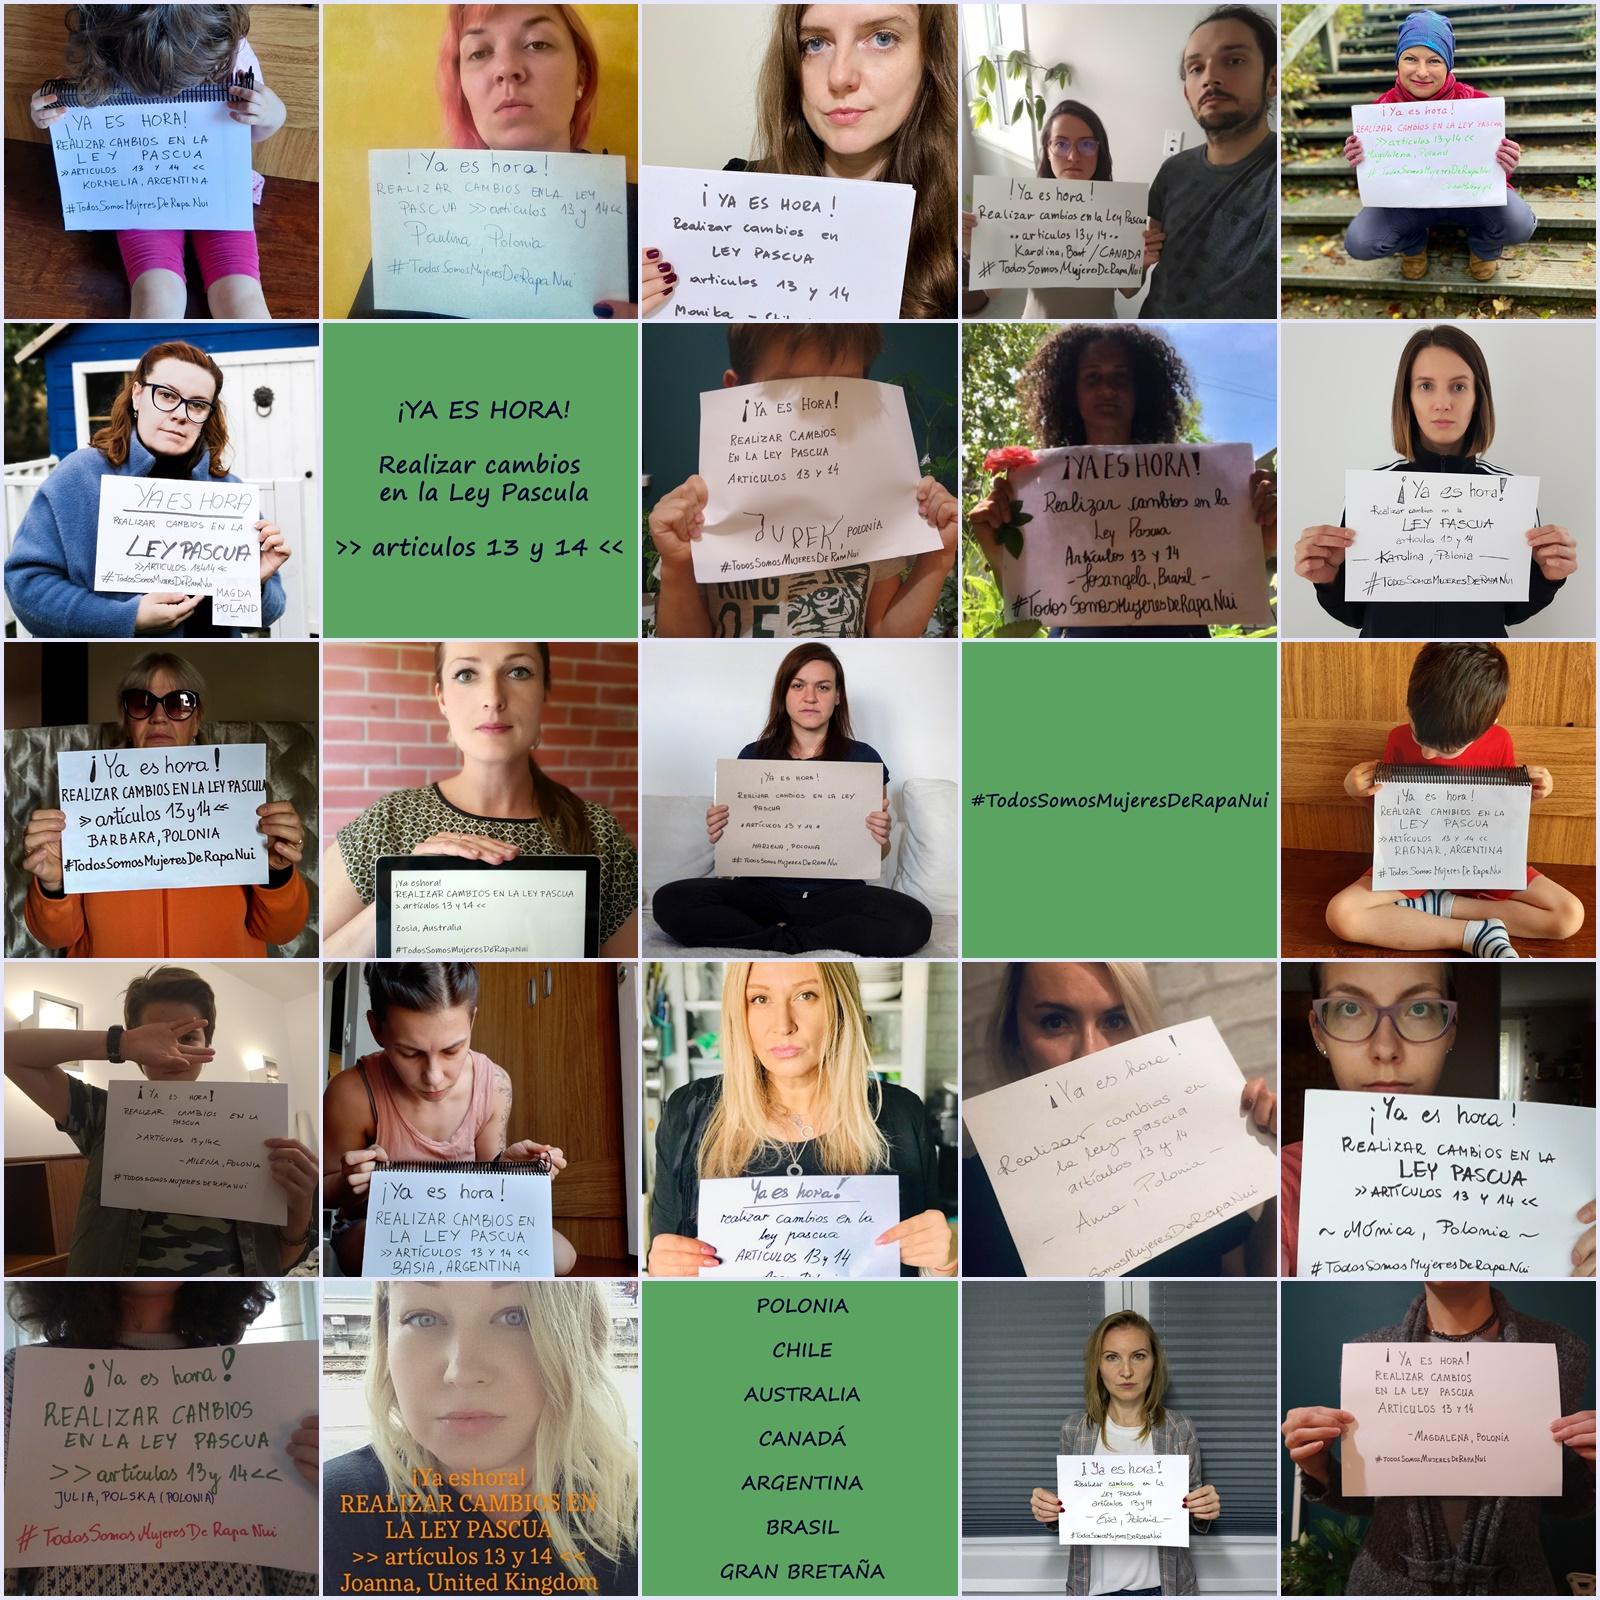 Akcja przeciw przemocy seksualnej